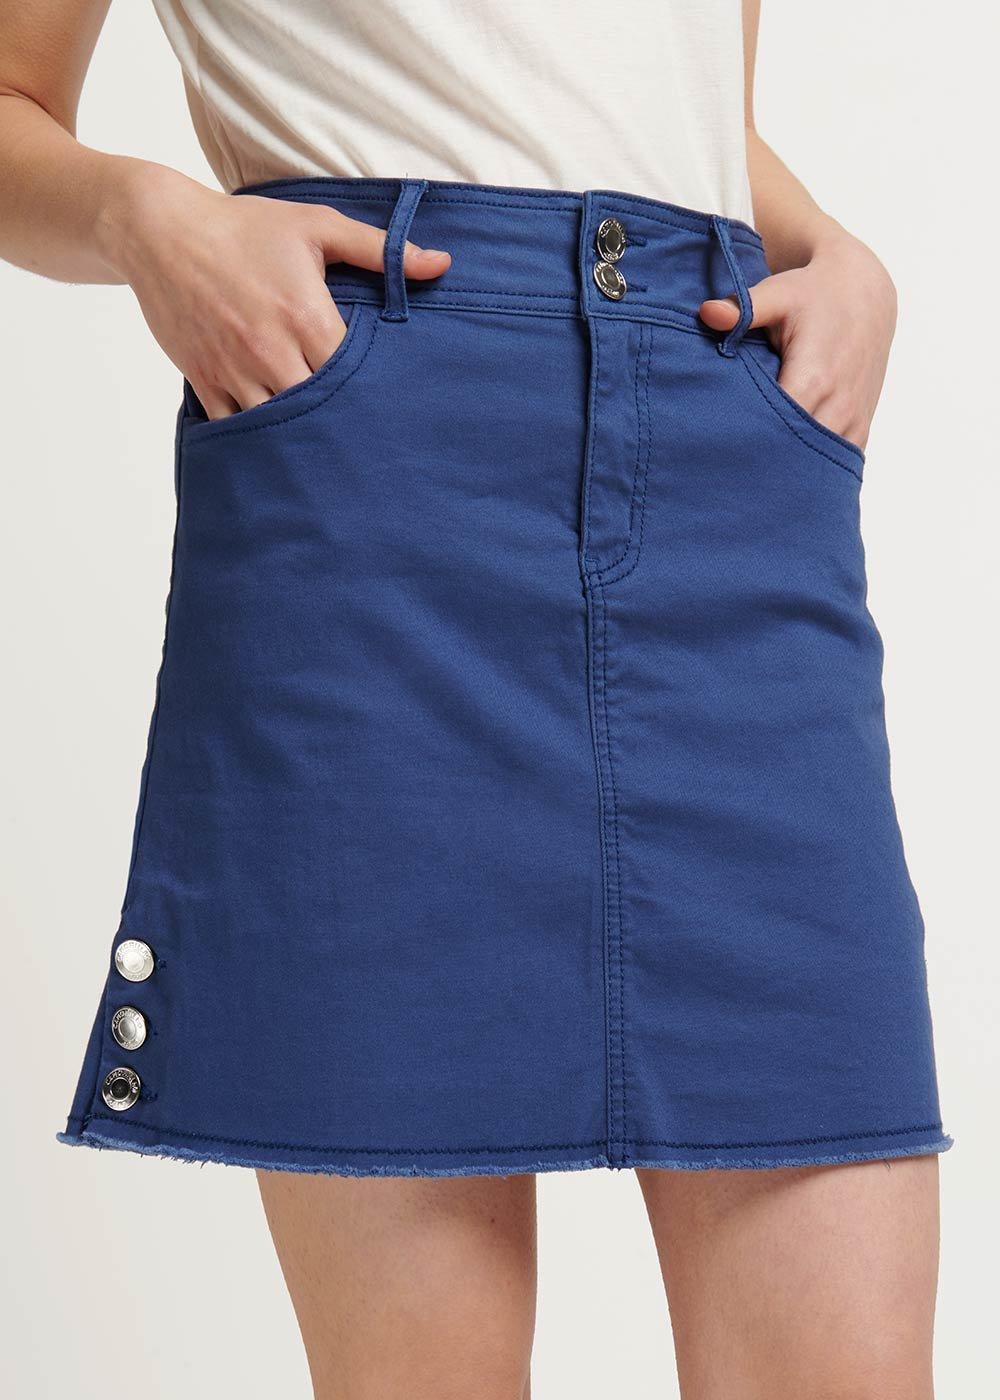 Gabriella air-force blue skirt - Blue - Woman